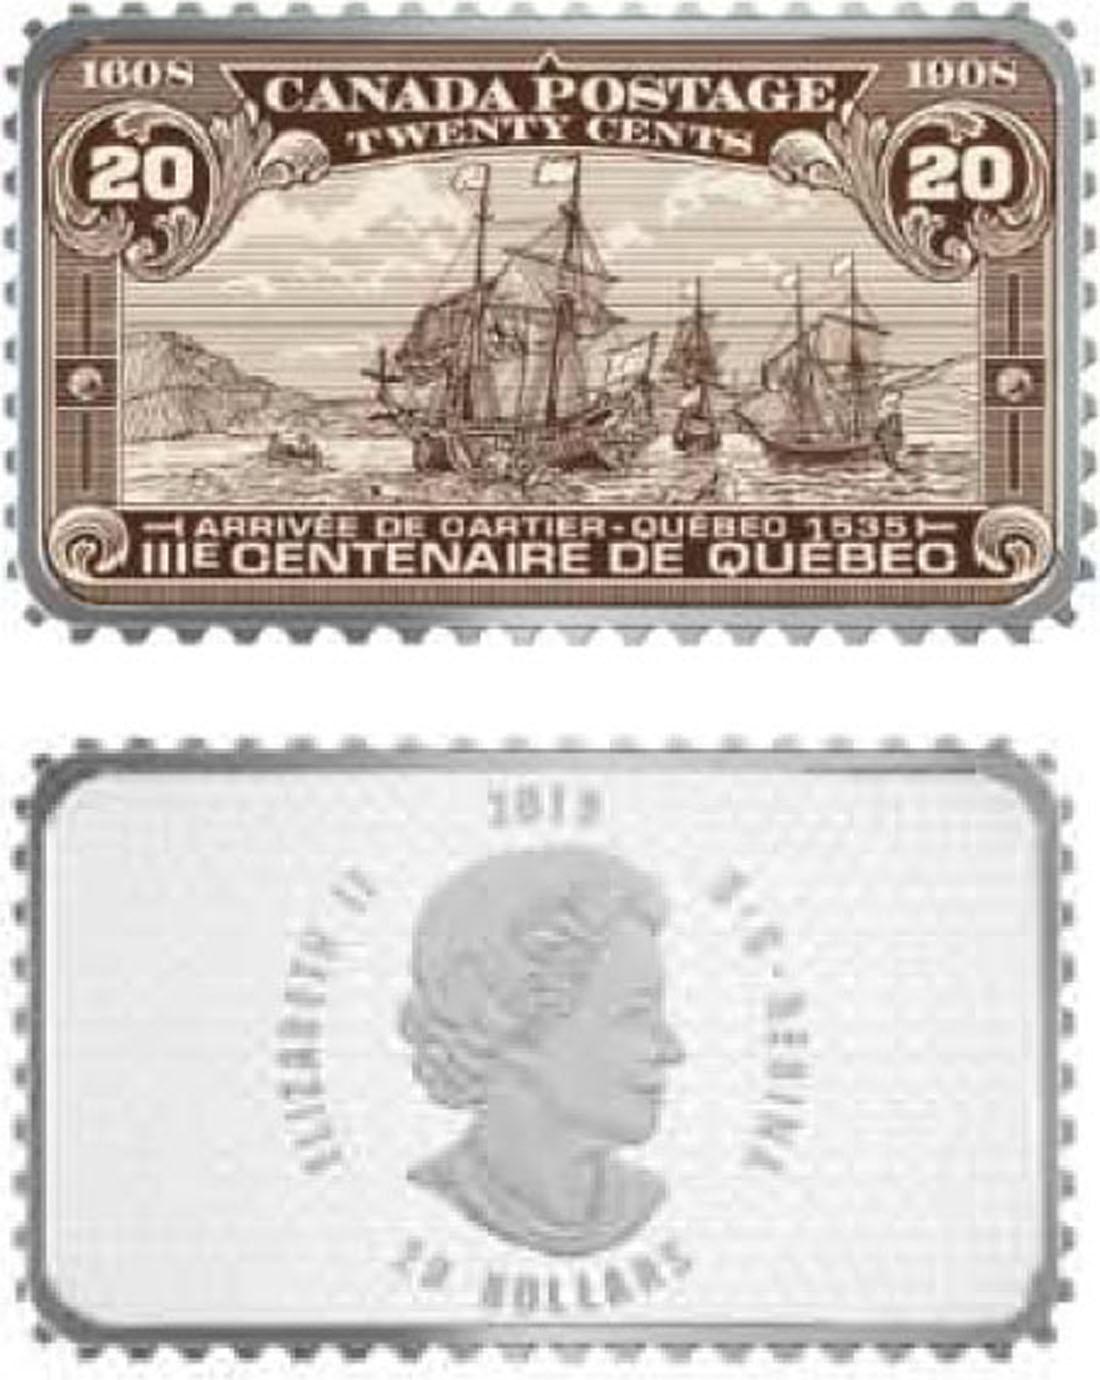 Lieferumfang:Kanada : 20 Dollar Ankunft von Cartier in Quebec 1535 -  2018 PP